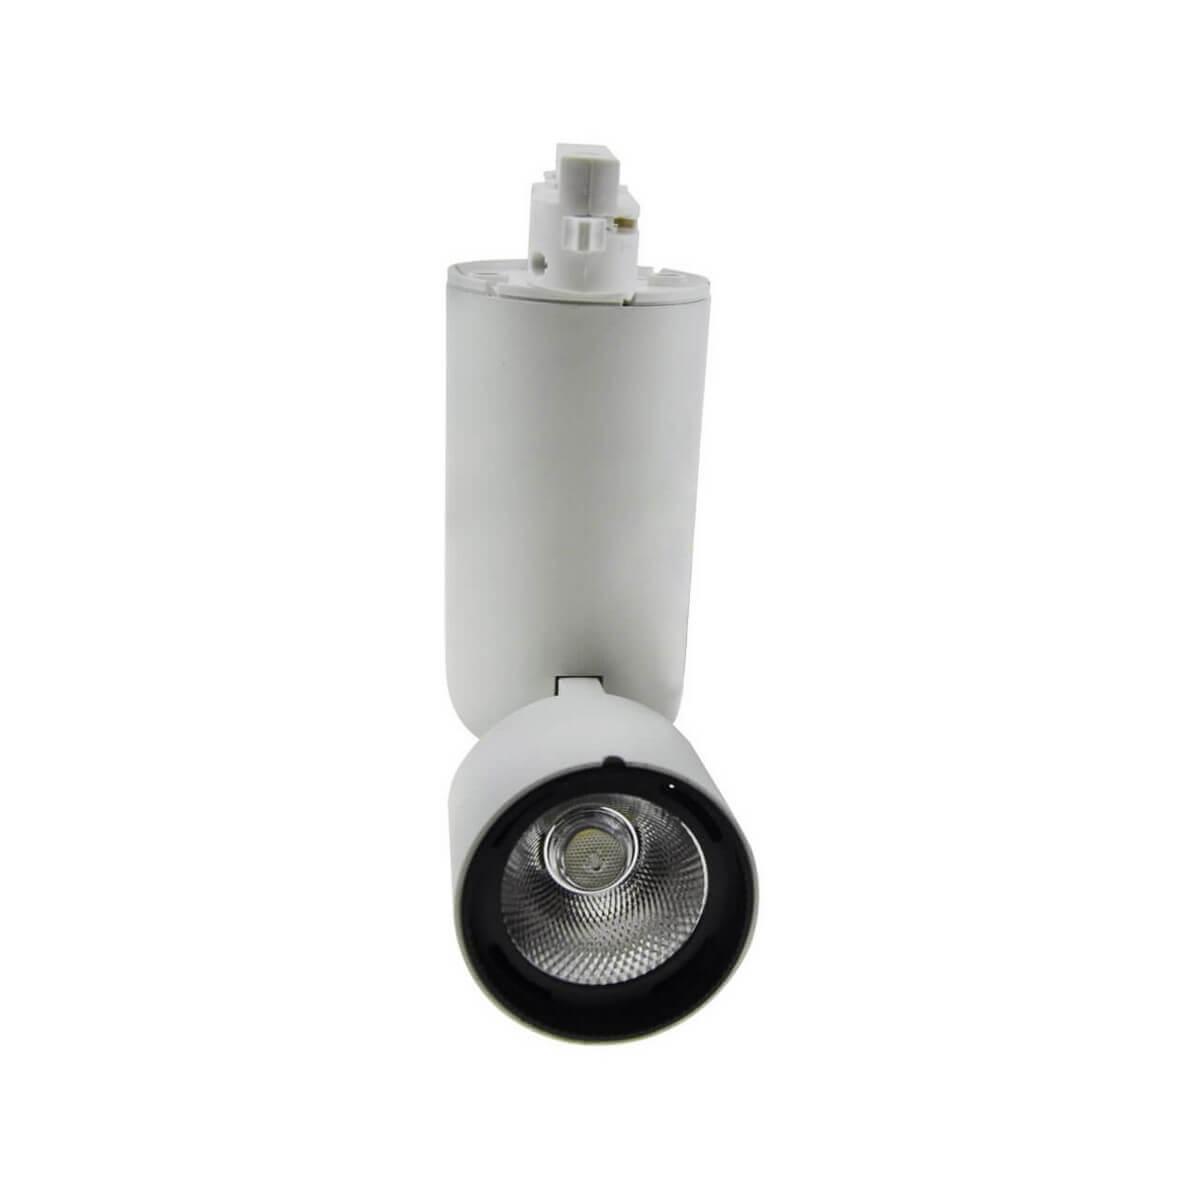 Трековый светодиодный светильник Kink Light Треки 6486,01 трековый светодиодный светильник kink light треки 6483 1 01